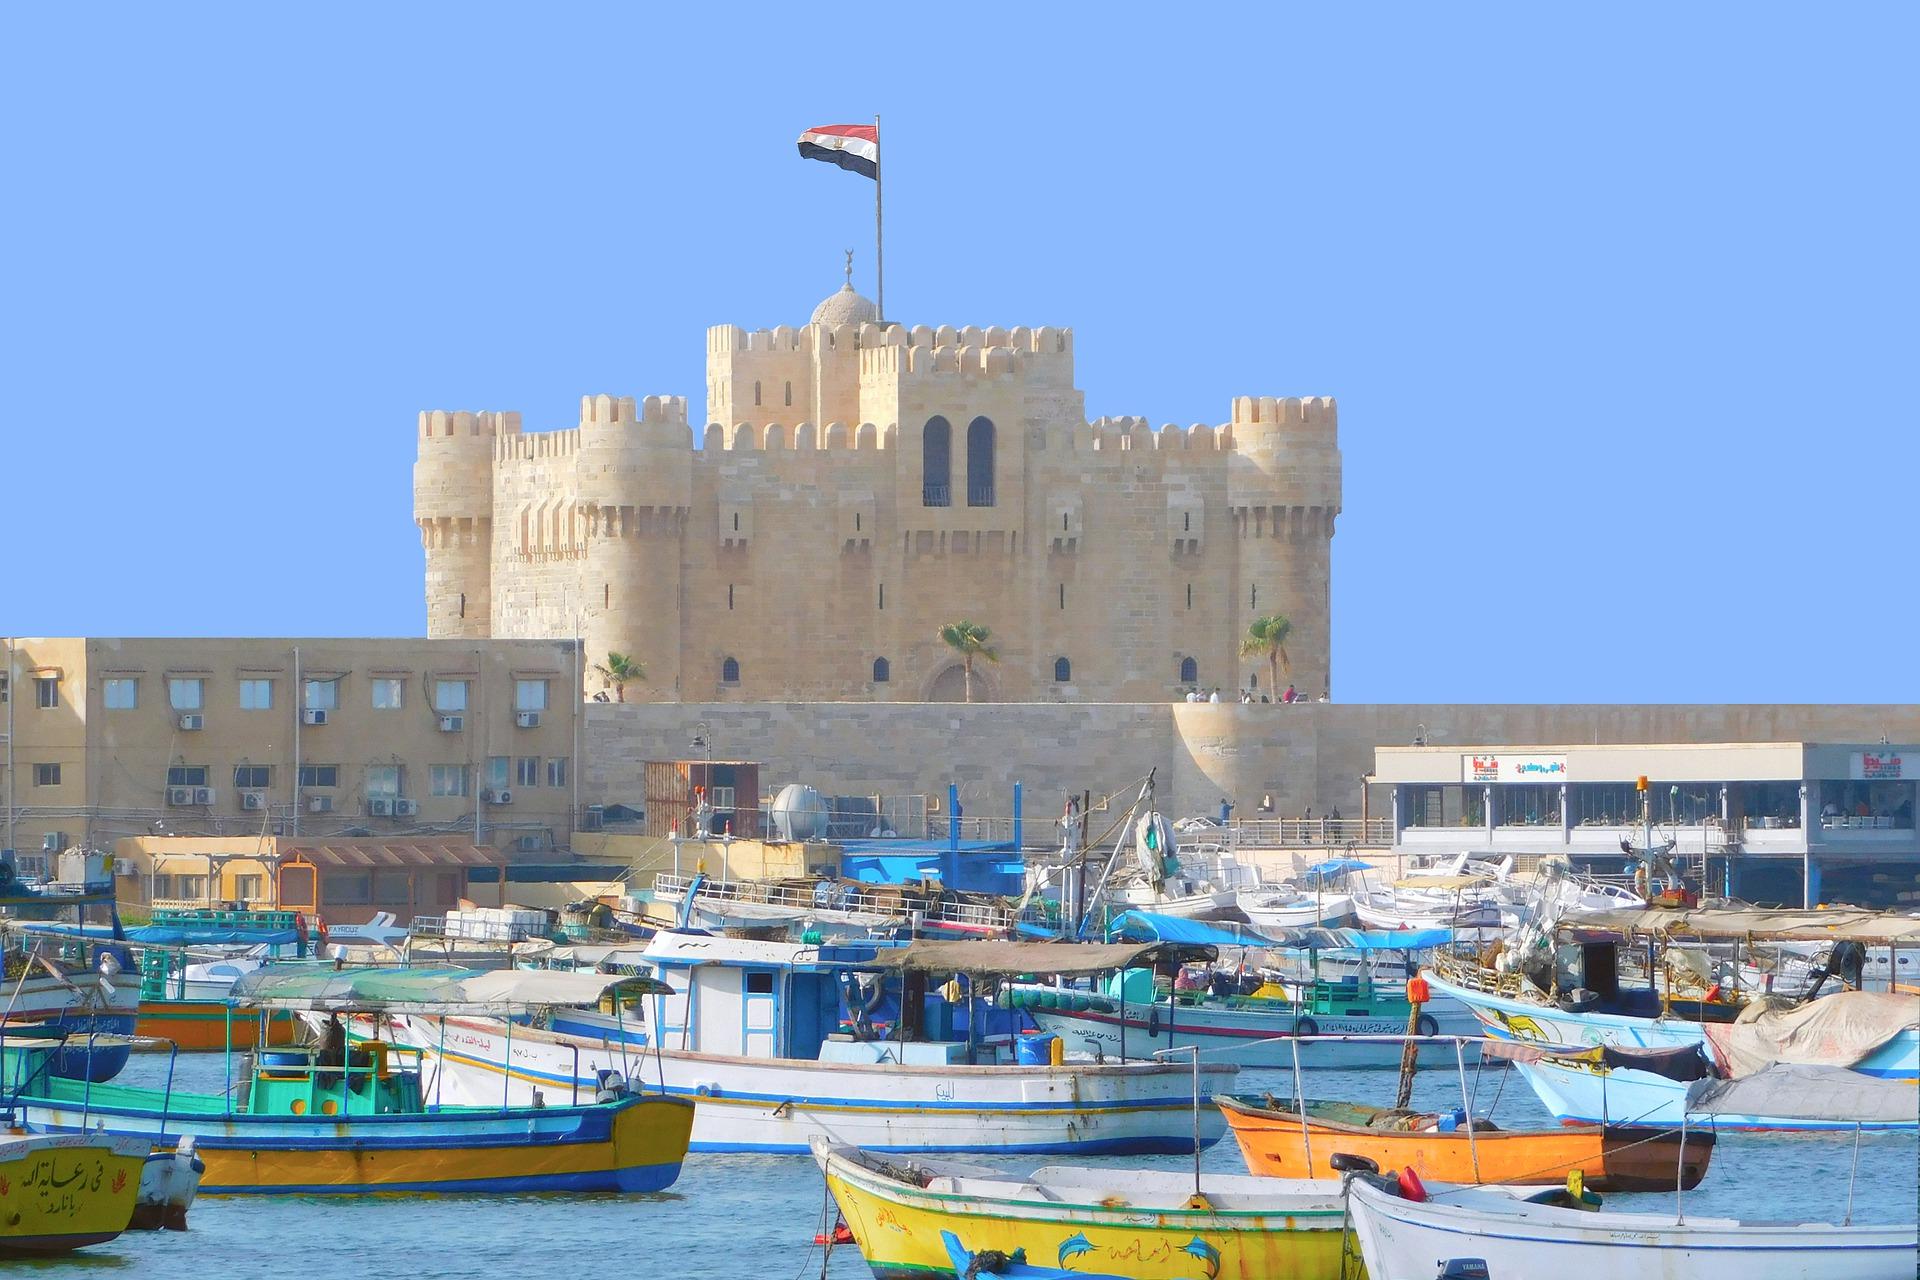 Єгипет Александрія